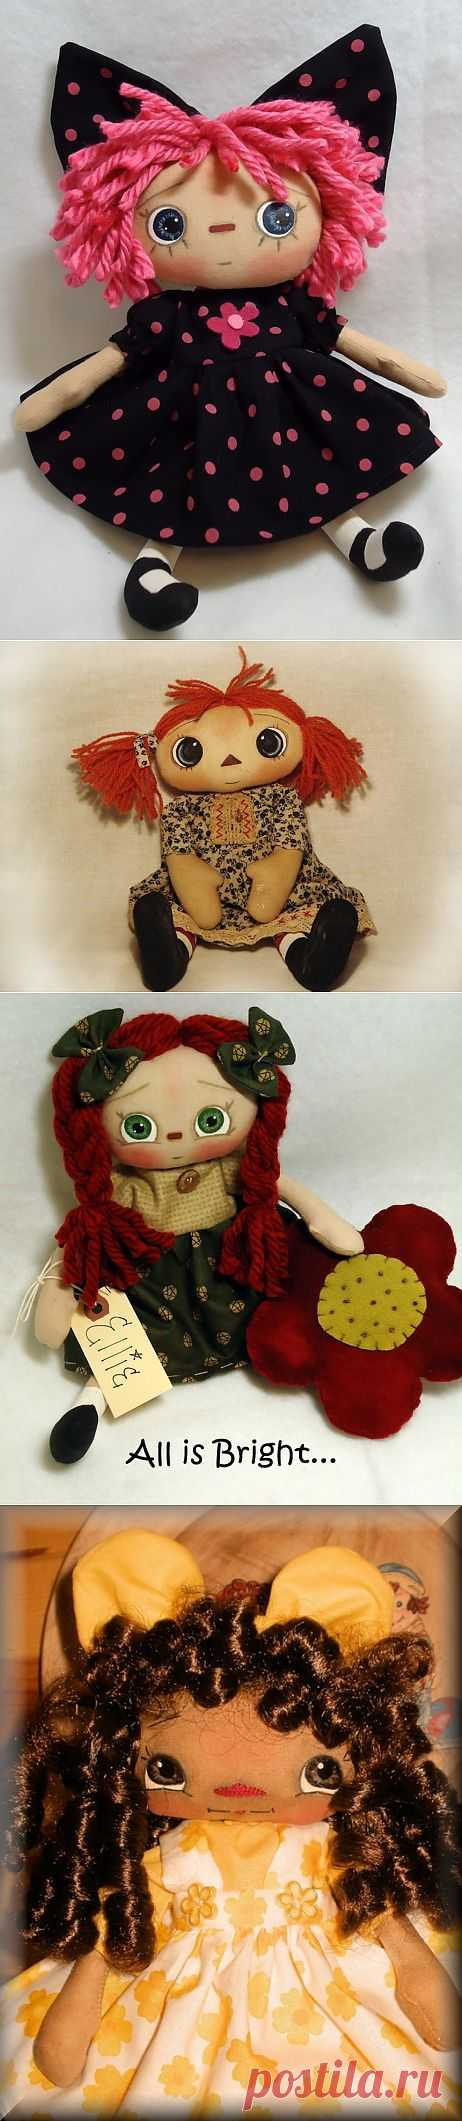 Как рисовать куклам глазки (шаблоны) / Разнообразные игрушки ручной работы / PassionForum - мастер-классы по рукоделию